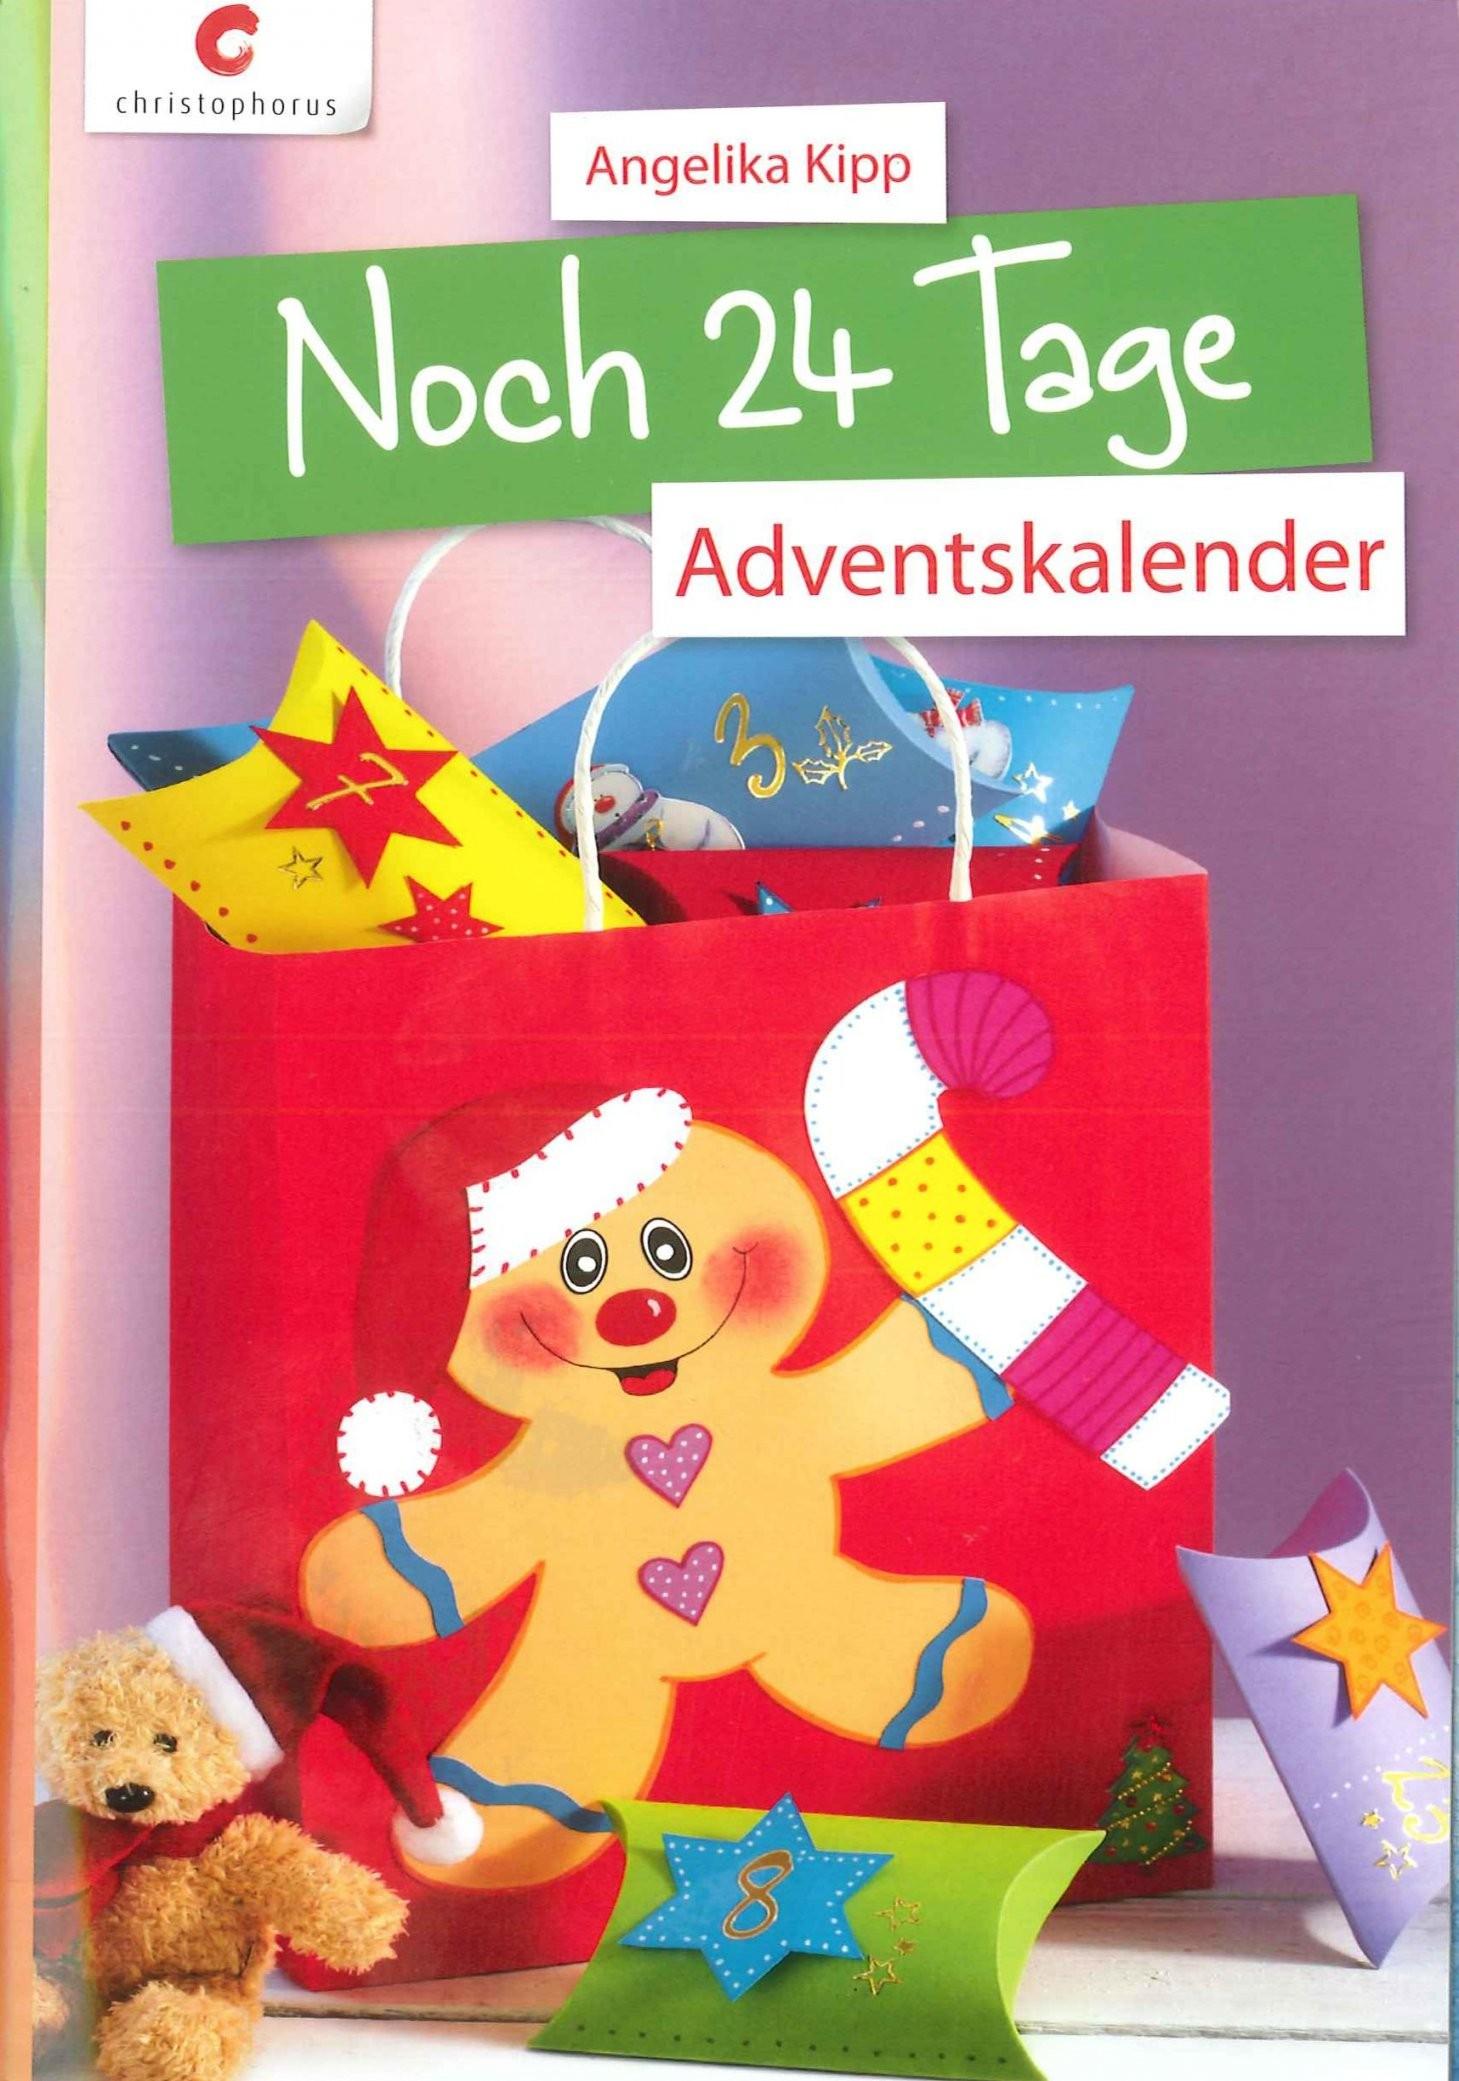 Adventskalender Selbst Gebastelt  Die Stadtbibliothek Rheinberg Bloggt von Baby Adventskalender Selber Machen Bild